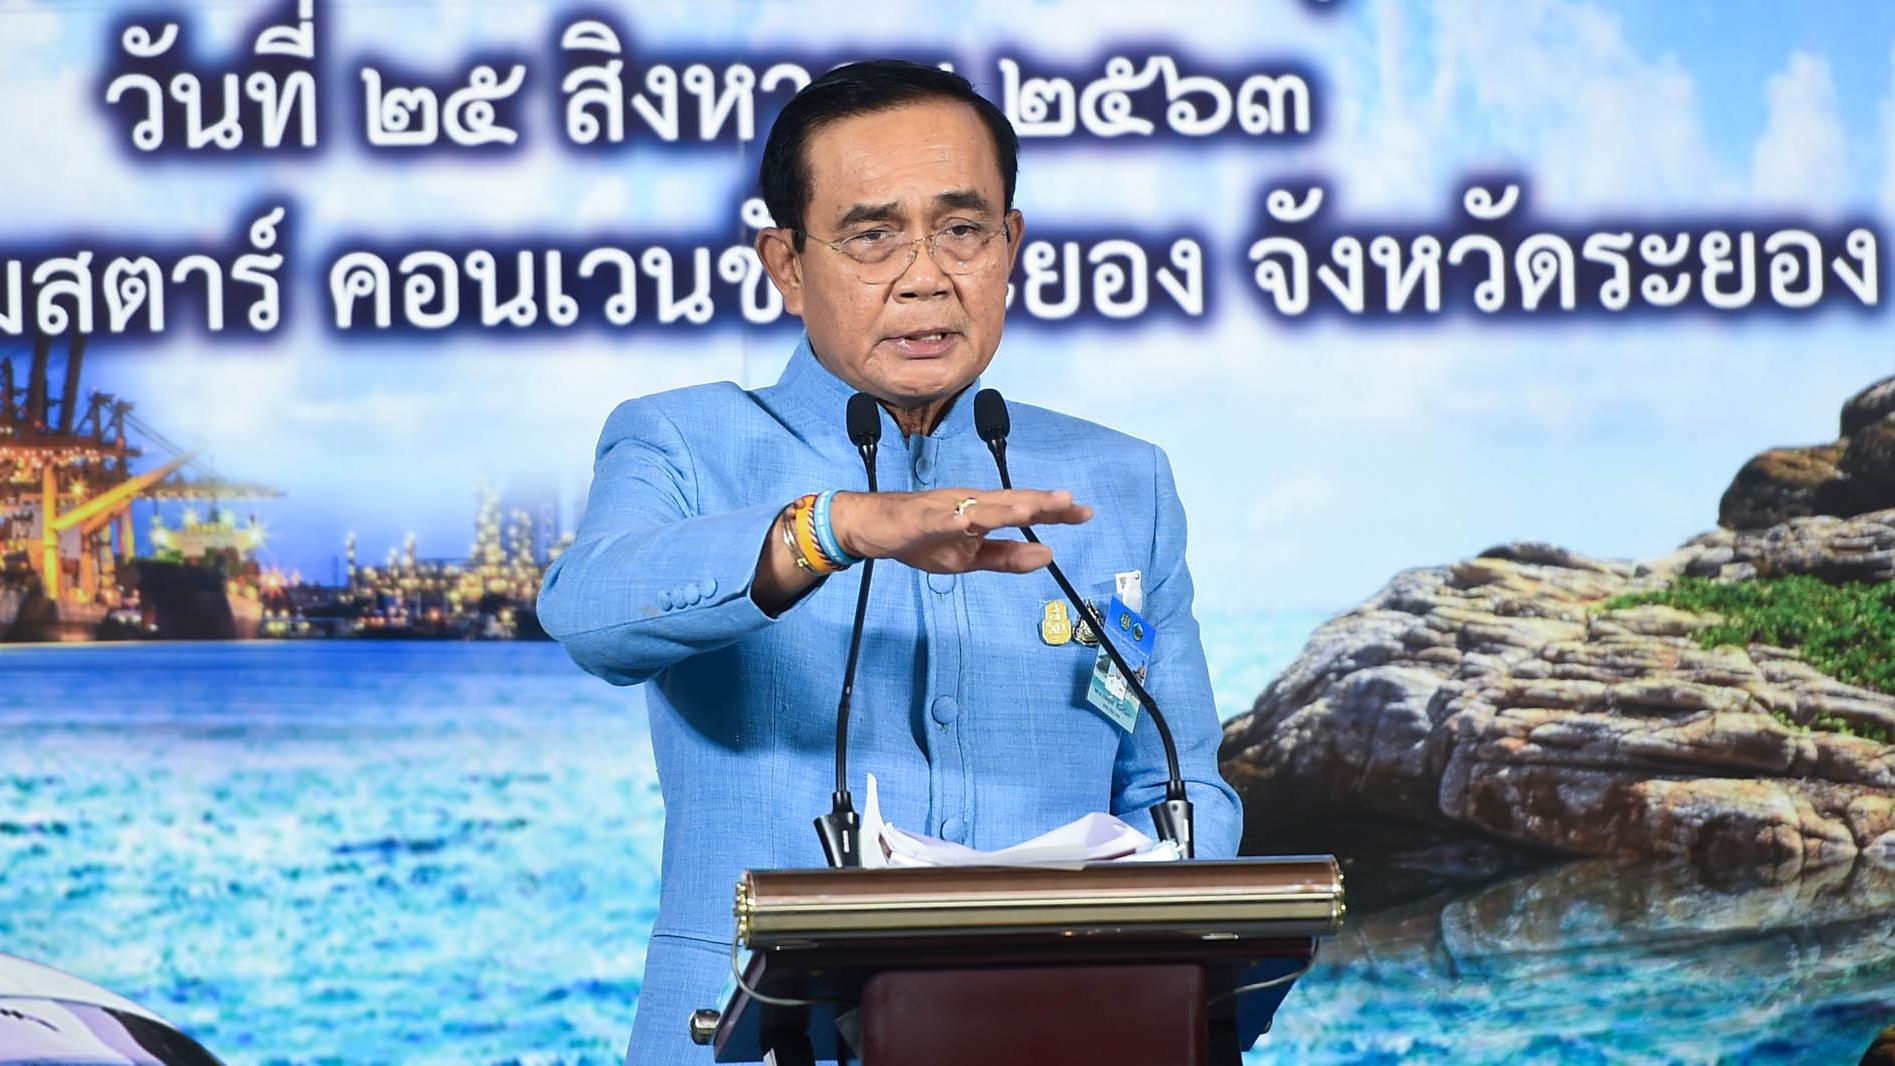 นายกรัฐมนตรี รอยัลลิสต์มาเก็ตเพลส เฟซบุ๊กฟ้องรัฐบาลไทย